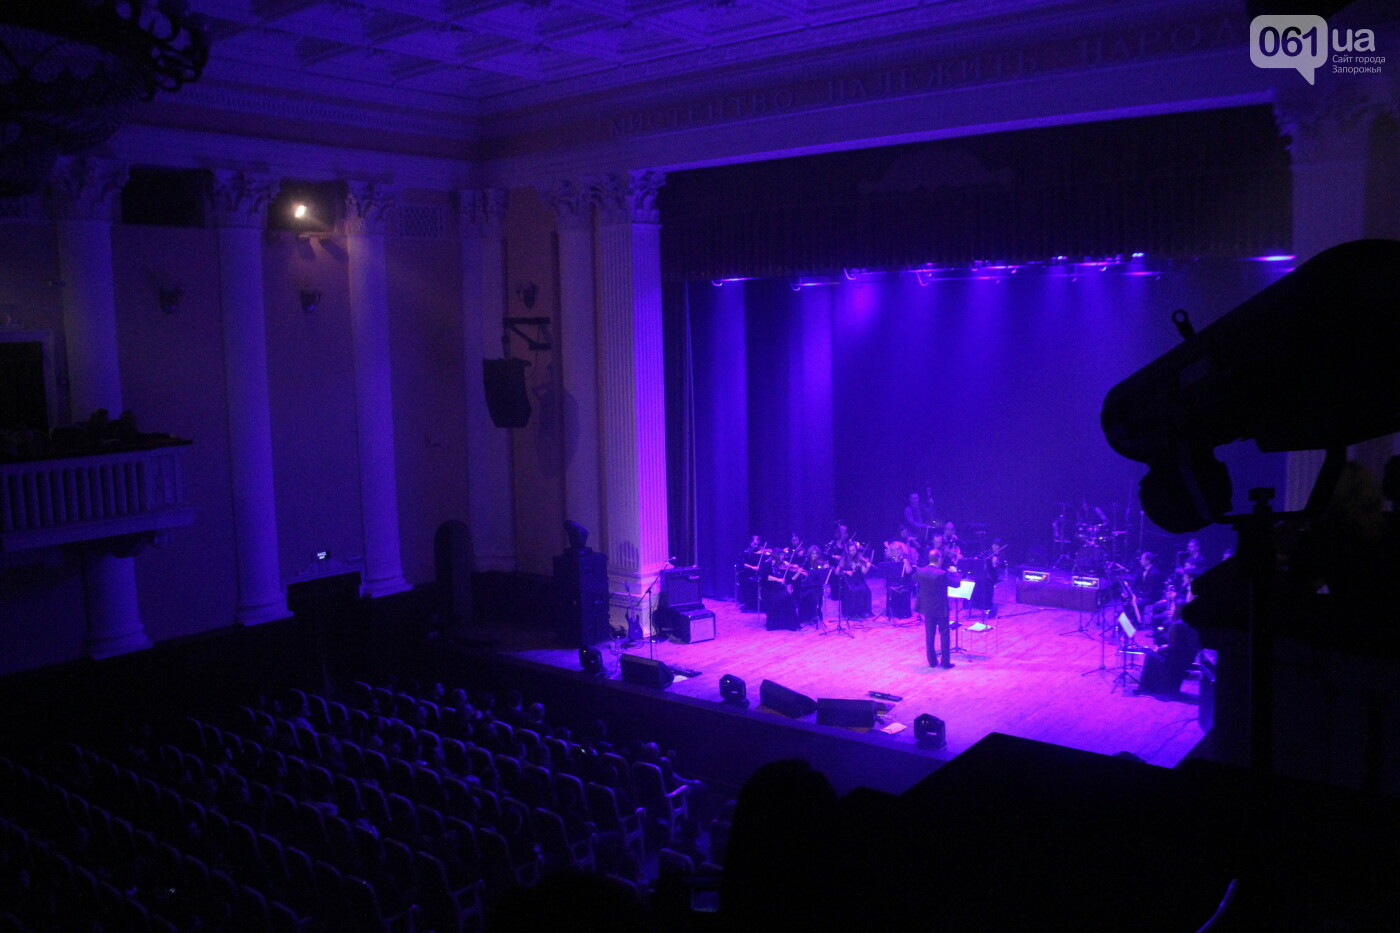 Тяжелый рок в симфоническом звучании: каким было Hard Rock Show в Запорожье, – ФОТОРЕПОРТАЖ, фото-31